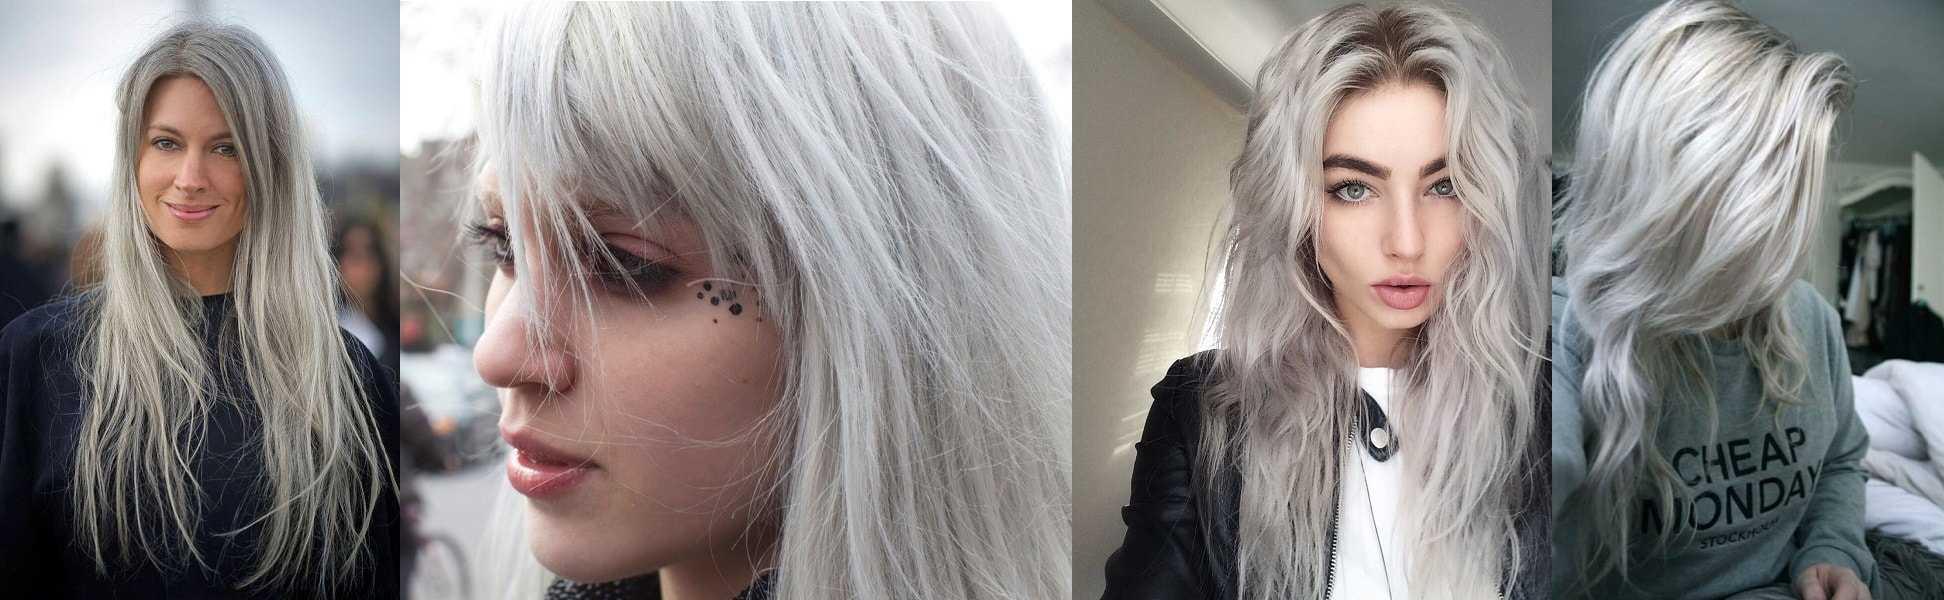 Как покраситься в платиновую блондинку и не испортить волосы